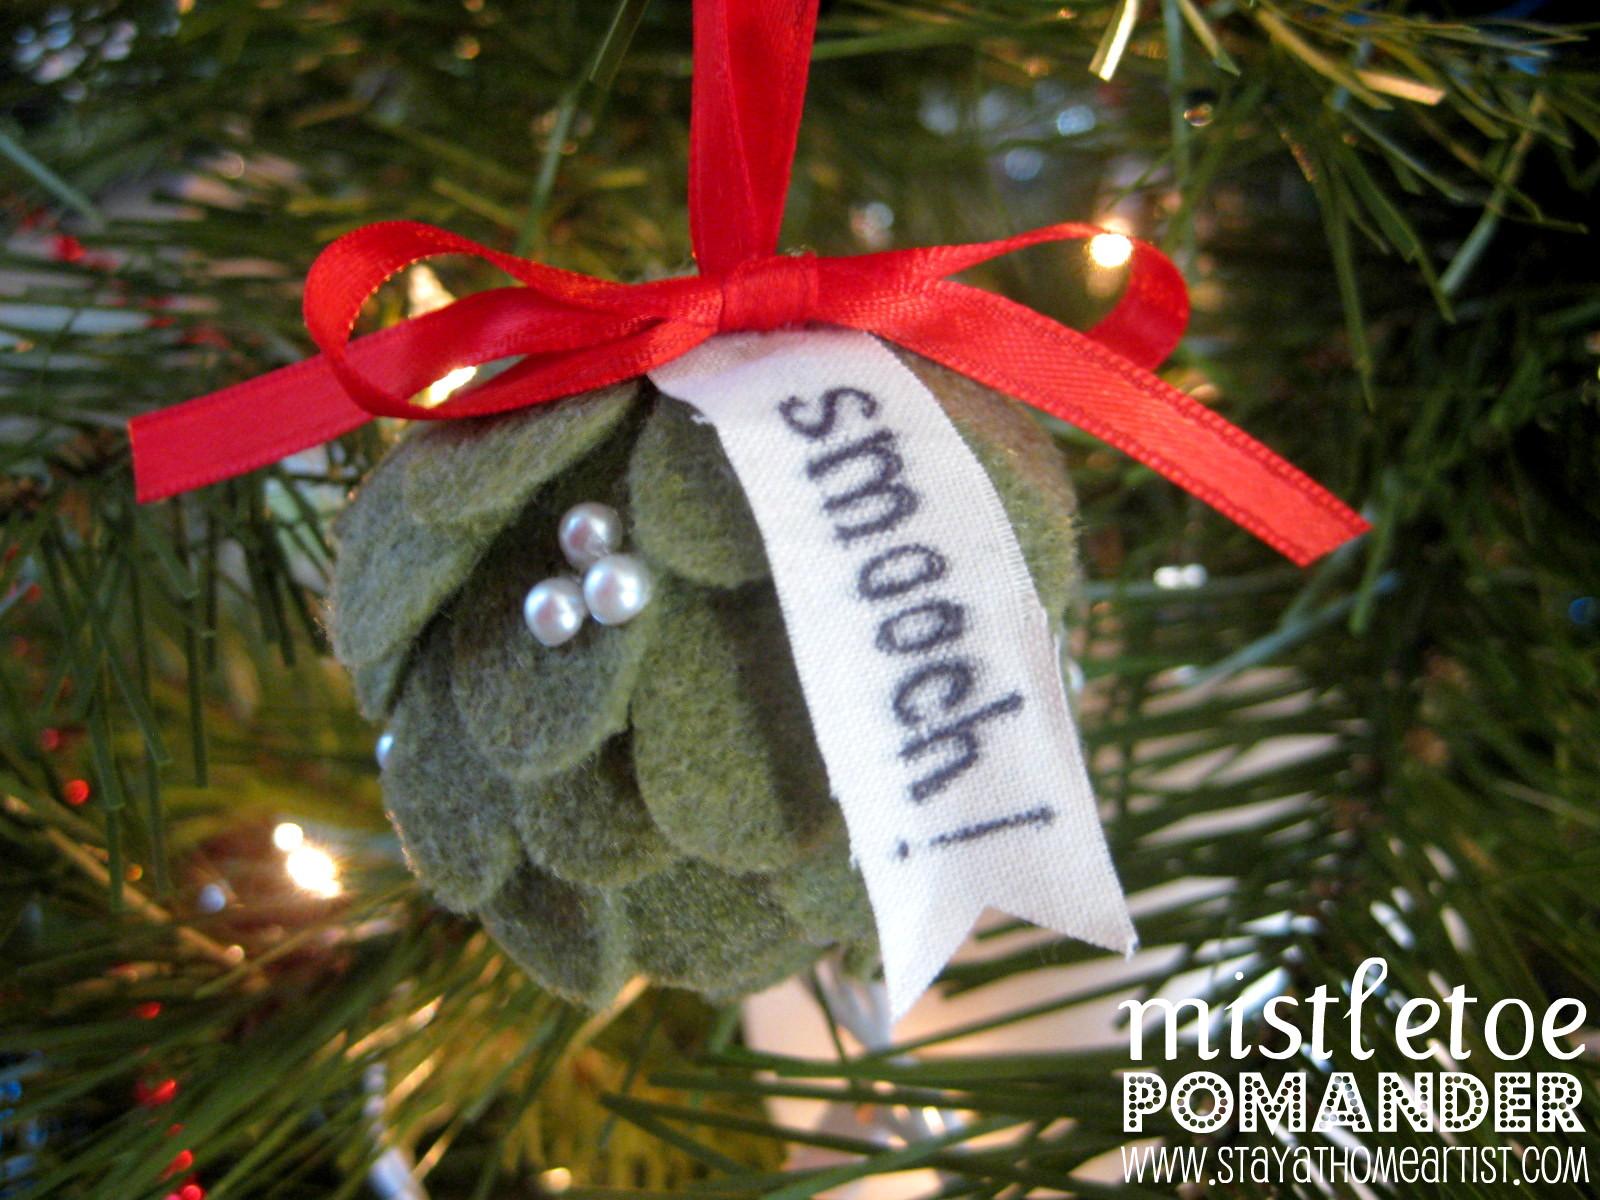 A Mini Mistletoe Pomander Ornament!